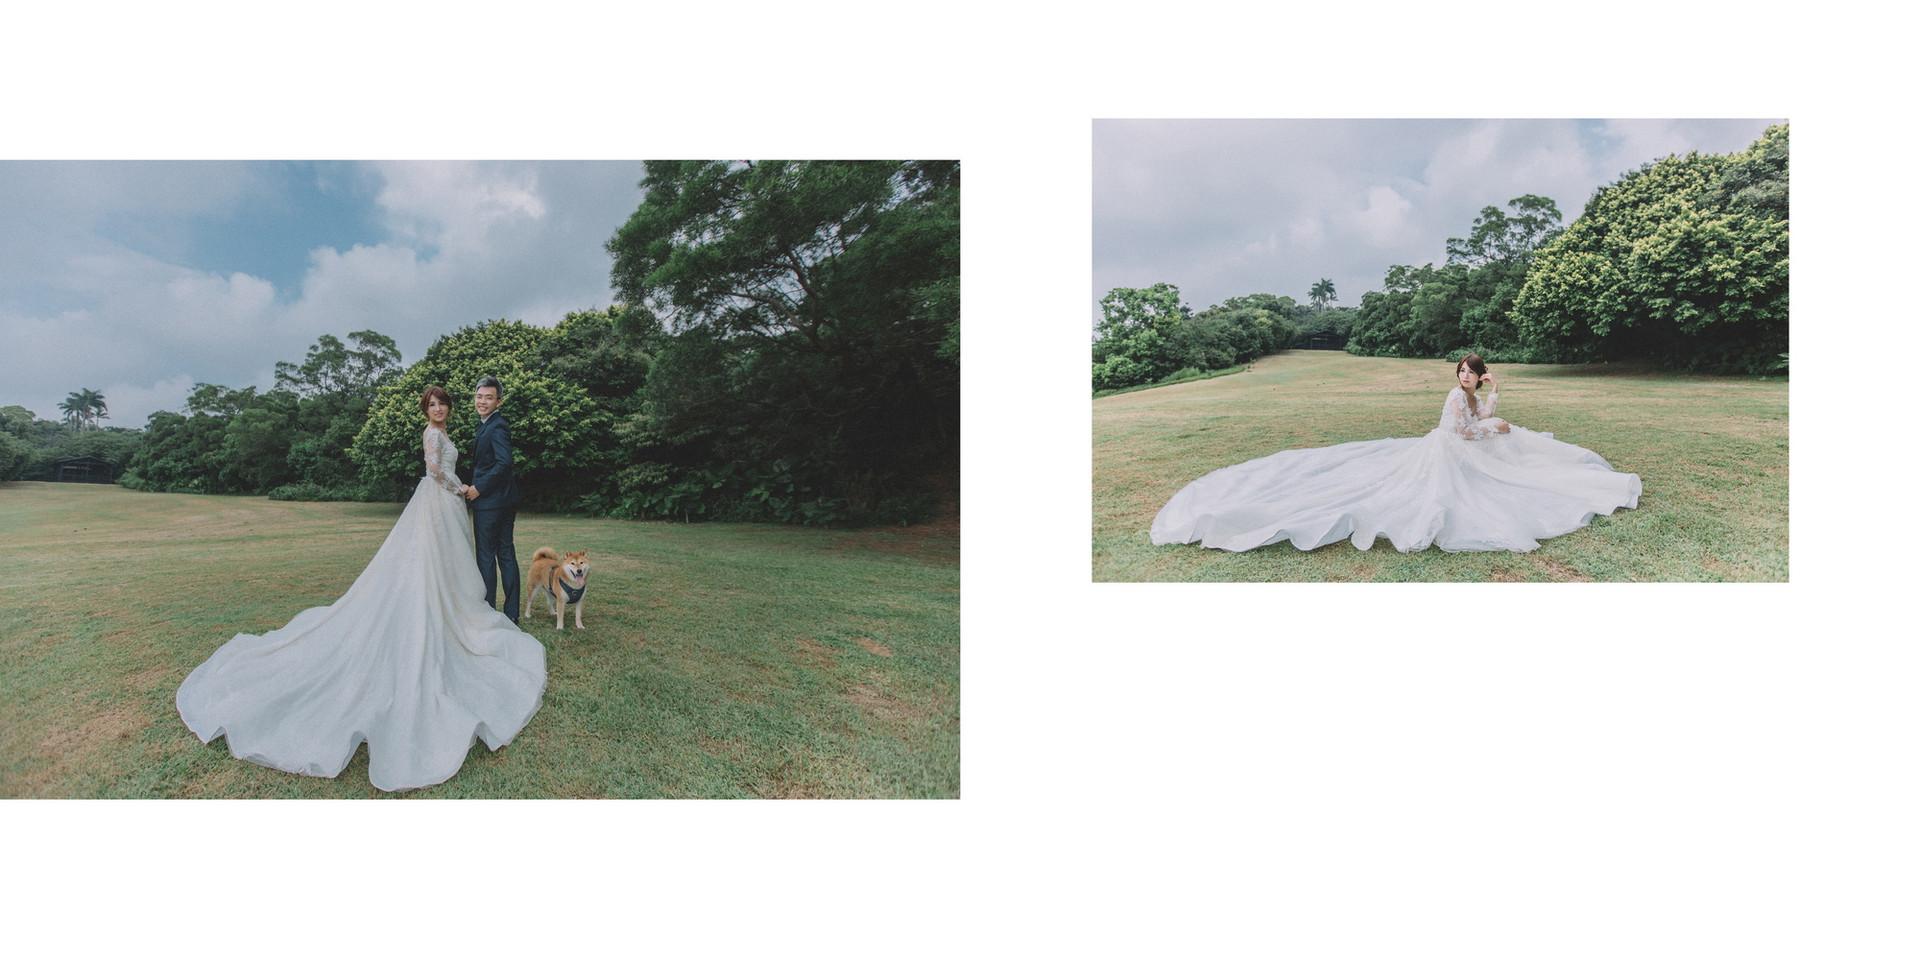 砲台公園 / 淡水老街 / 沙崙海邊 / 寵物婚紗 / 自然捲棚拍 / 素人寫真